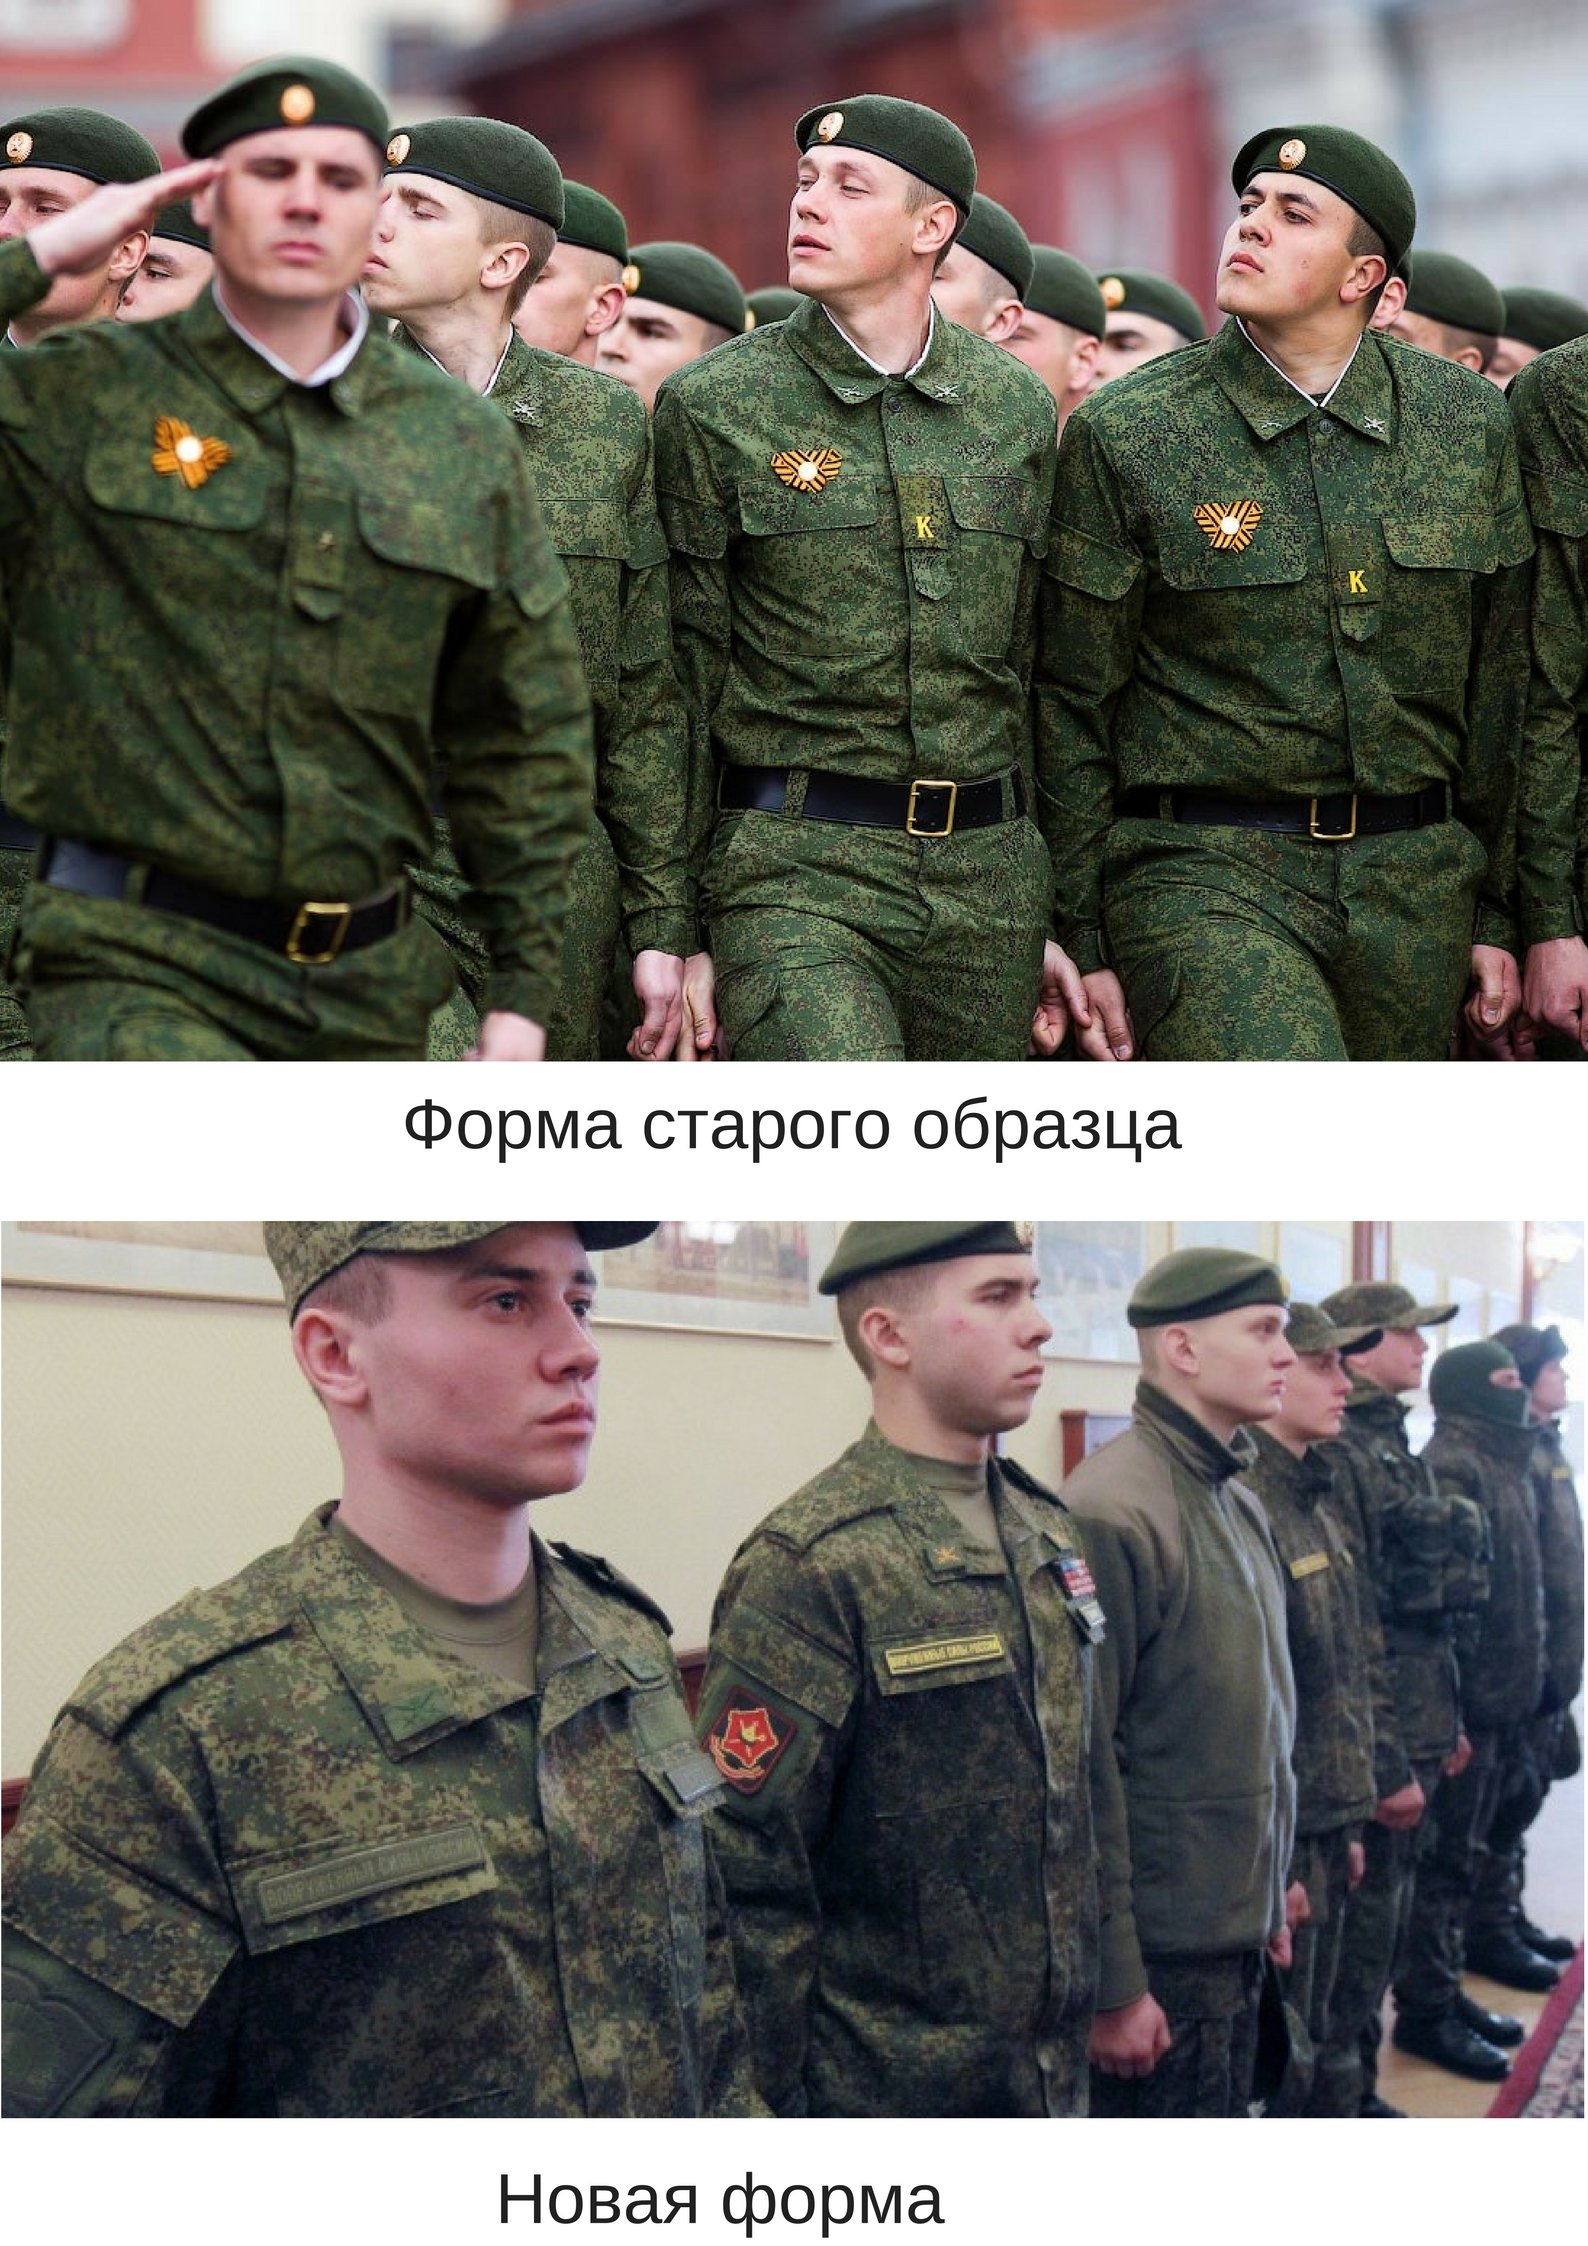 берут ли в армию с зобом